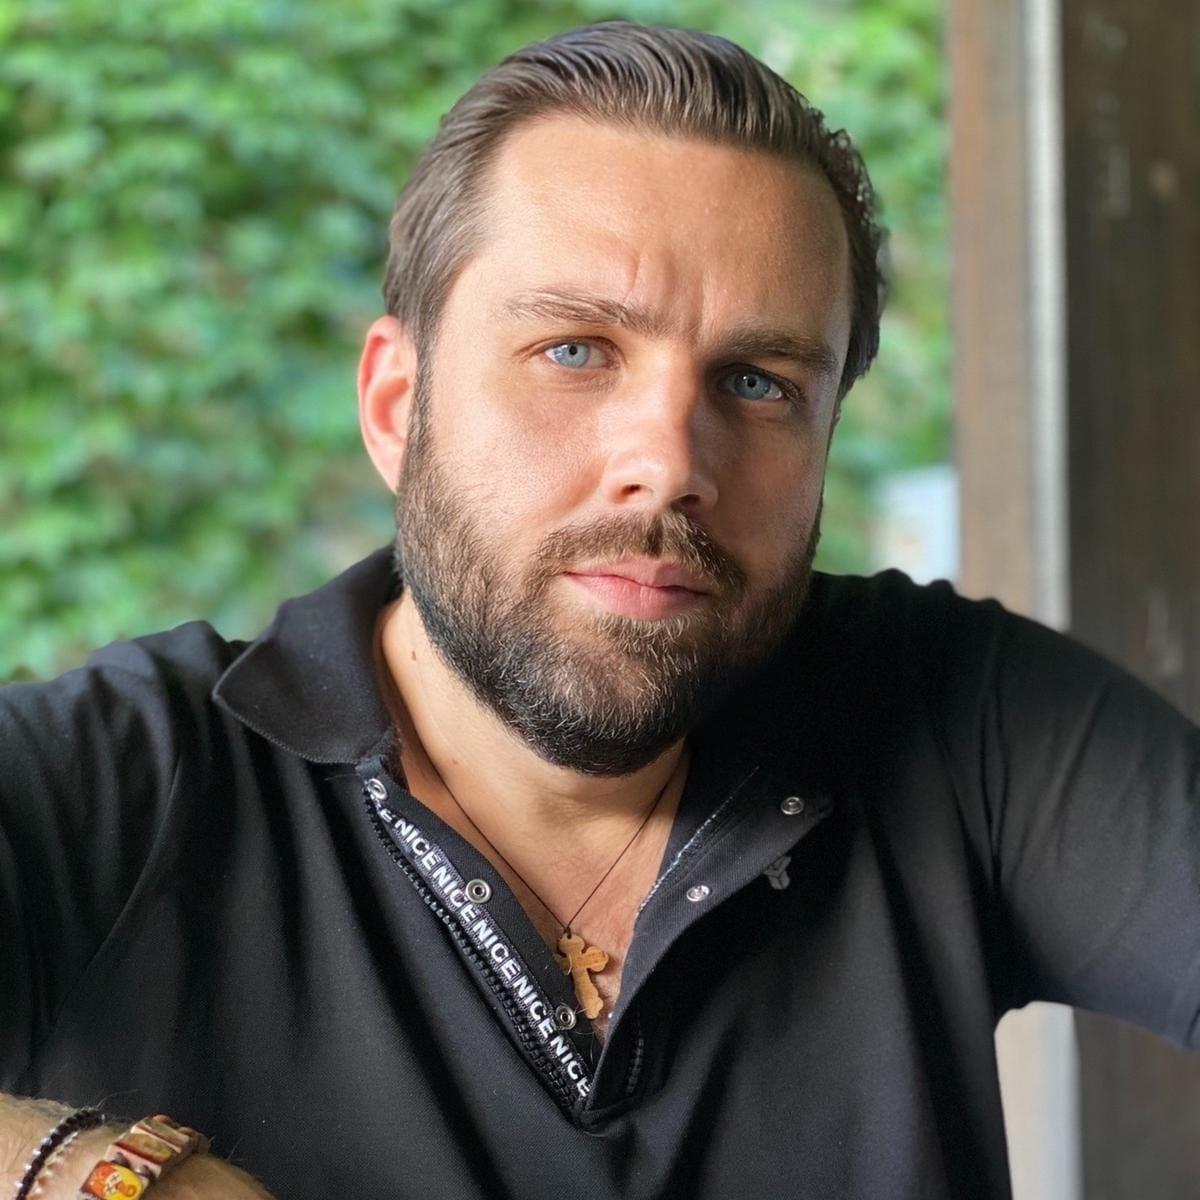 L-am deconspirat: Alexandru Săraru în bucătărie